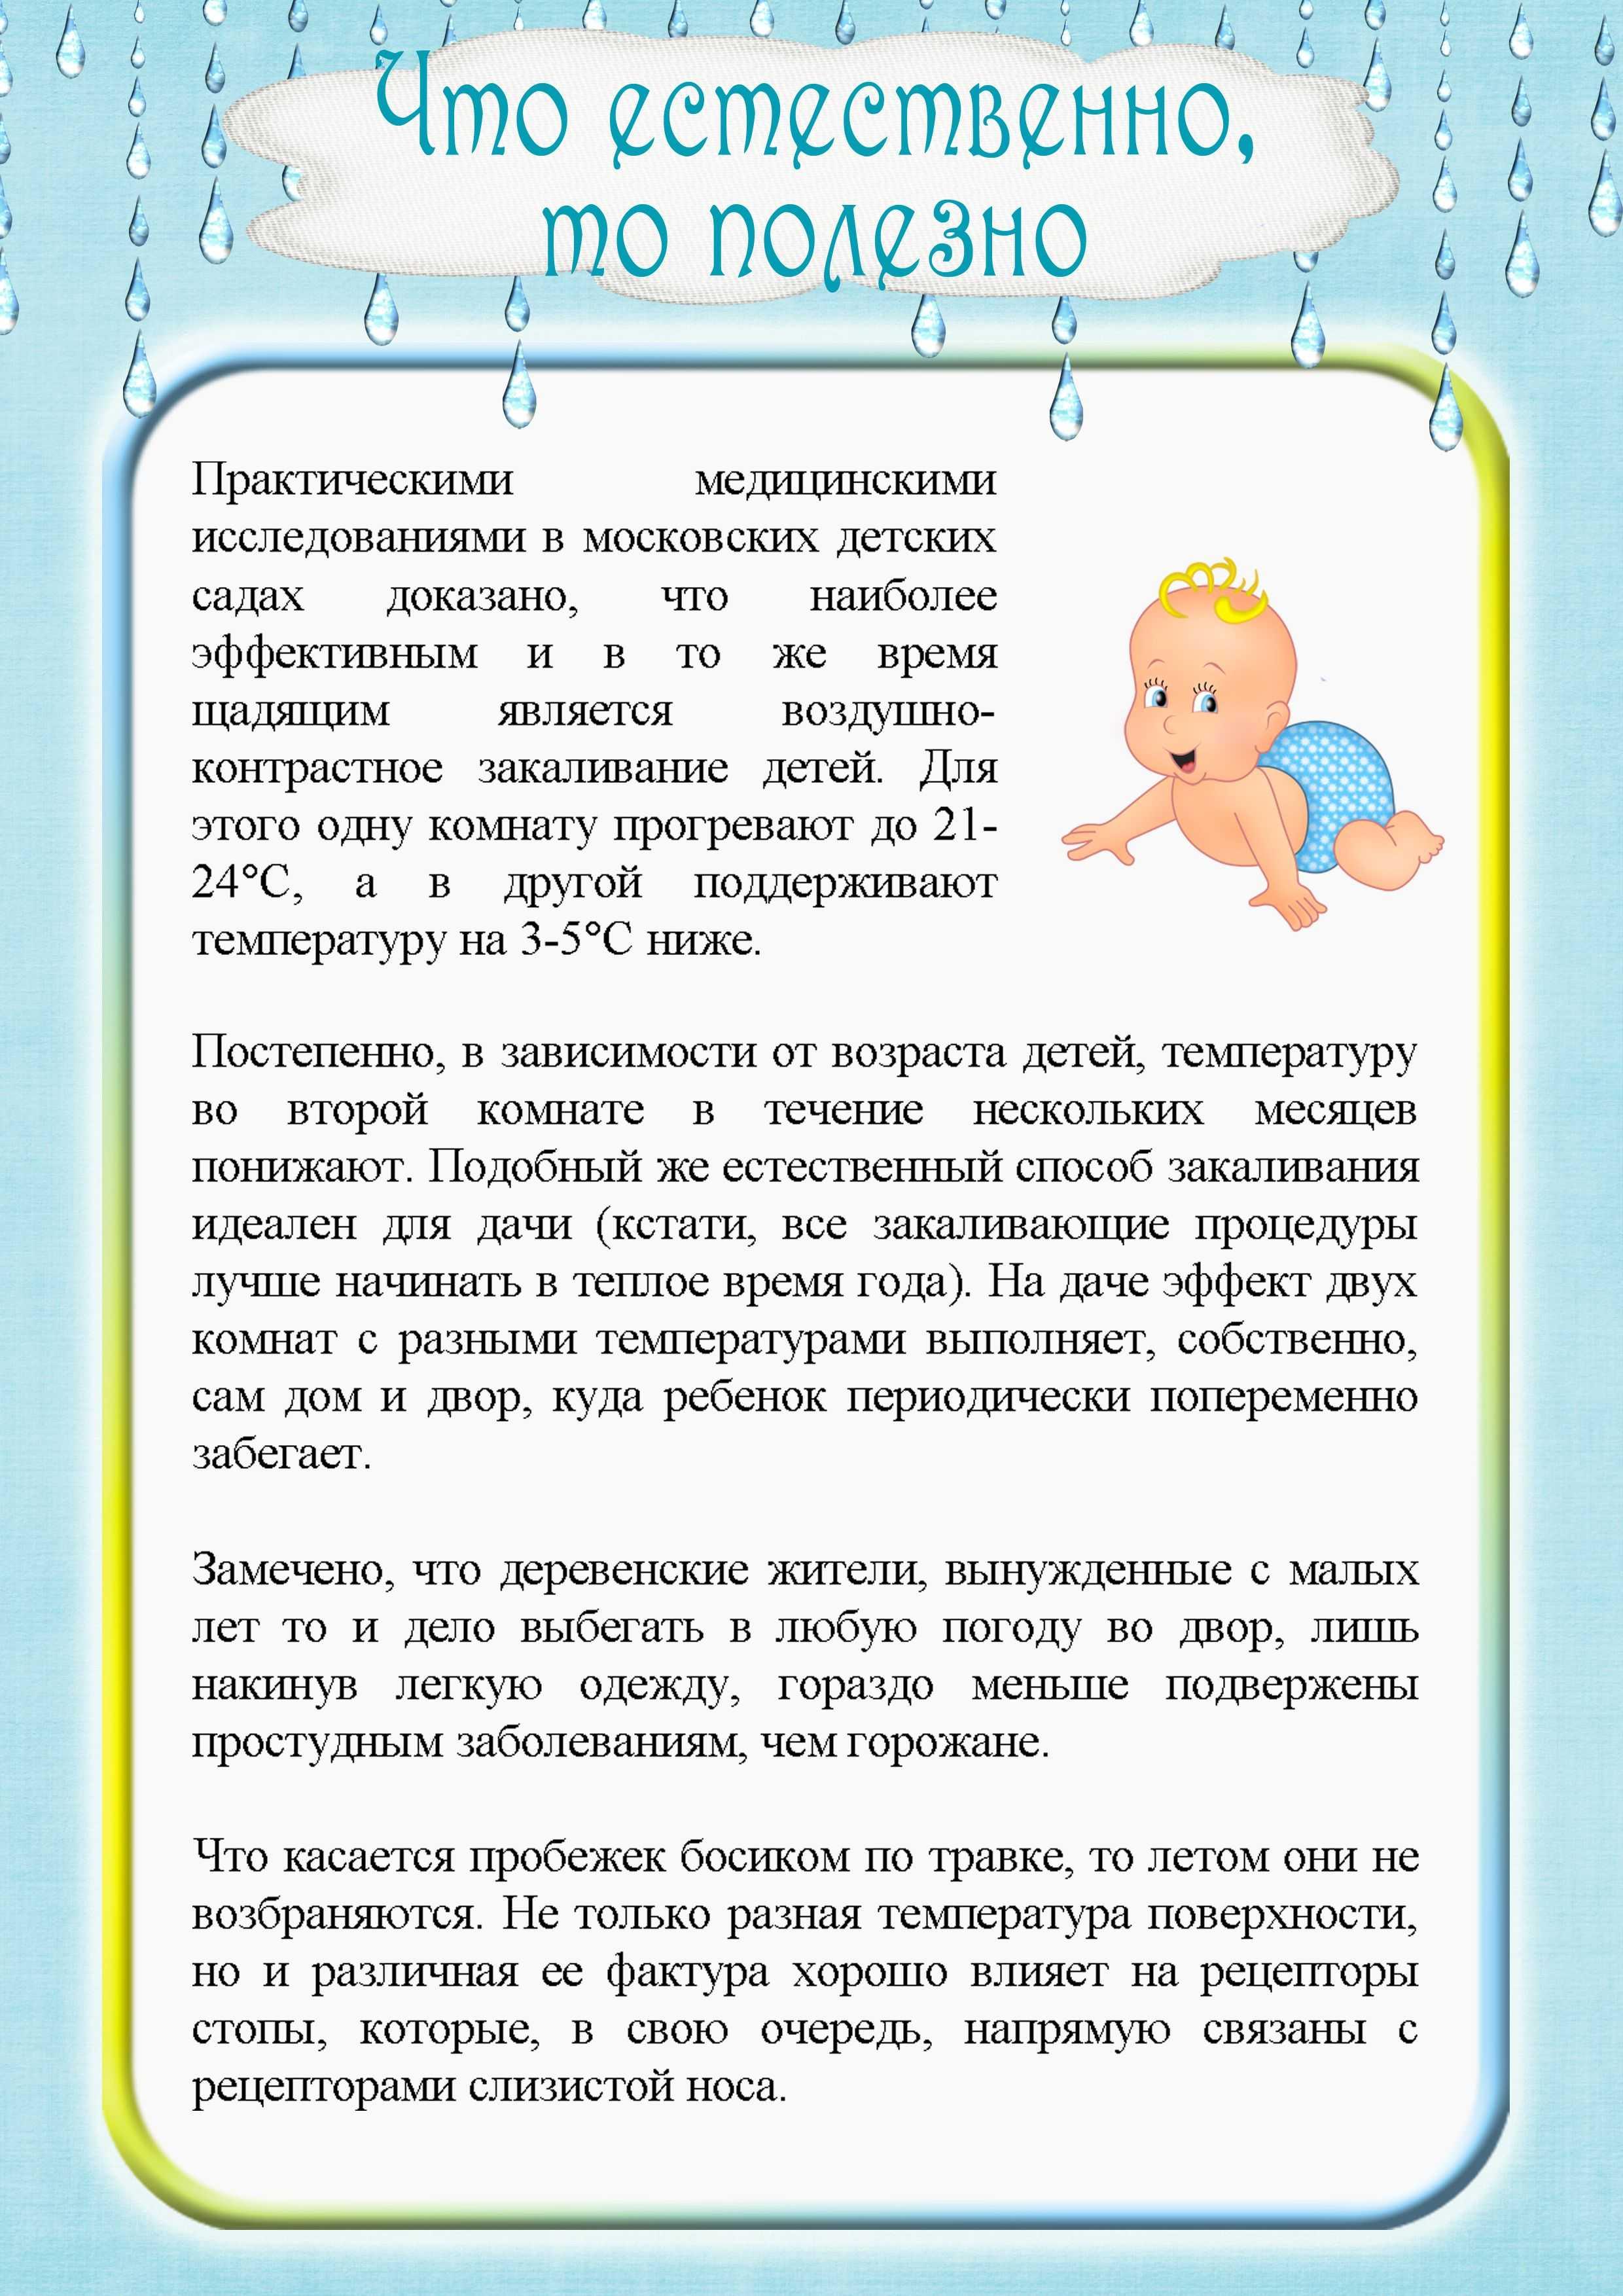 Закаливание ребенка. с чего начать для новорожденного, 2-3, 5-10 лет. основные принципы закаливания с рождения в домашних условиях. советы комаровского